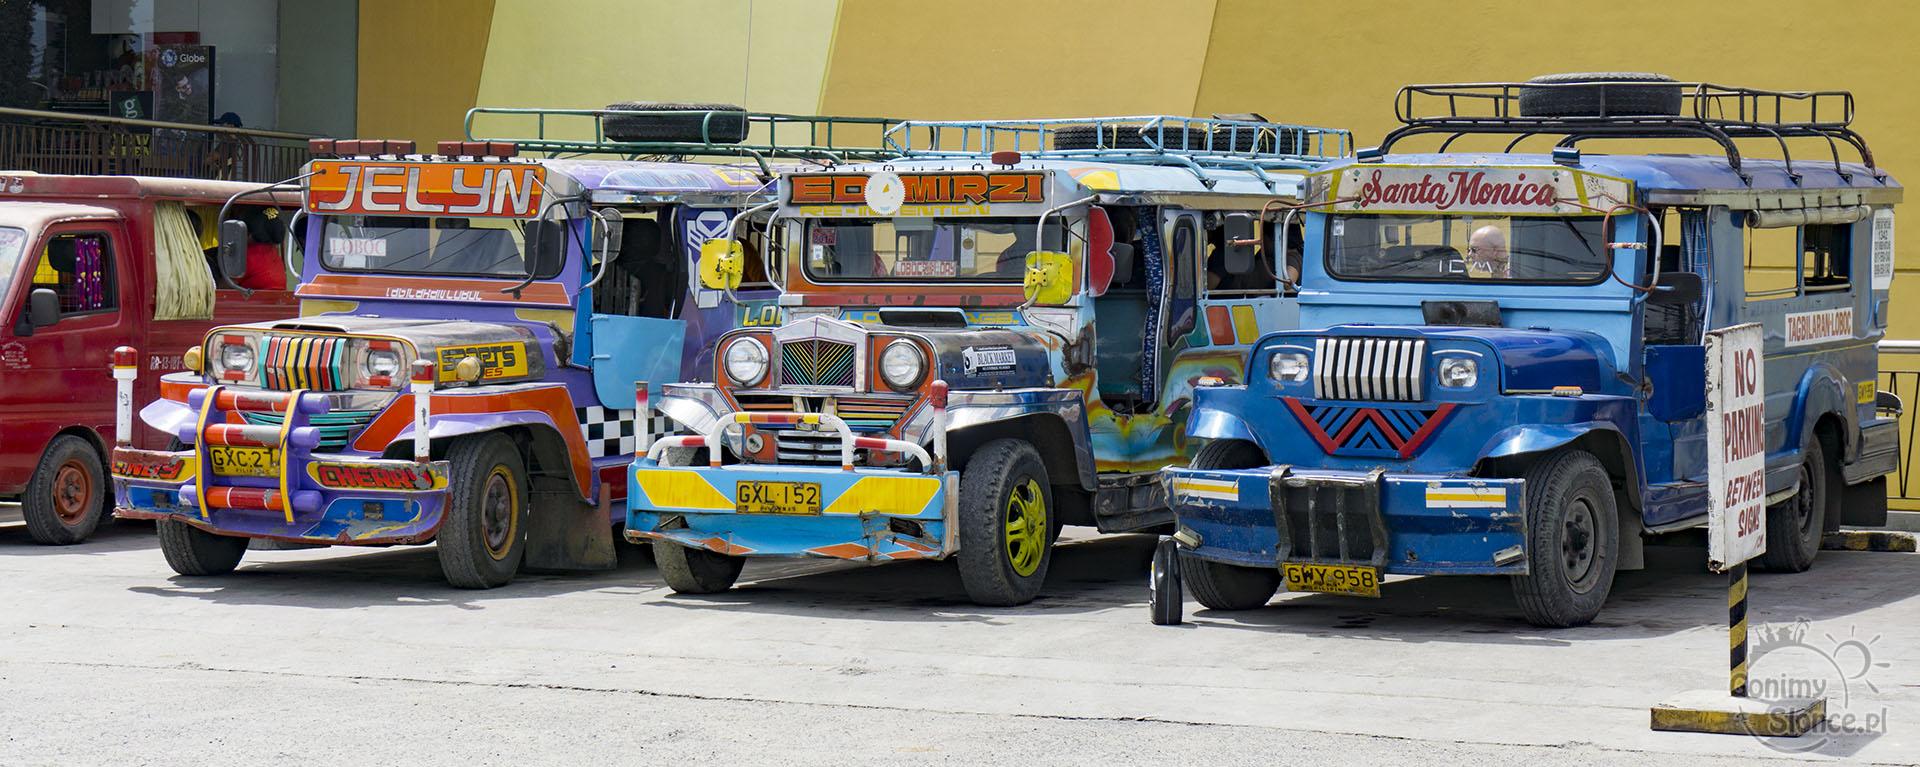 Jeepney, czyli klimatyczny transport na Panglao - Filipiny - informacje praktyczne